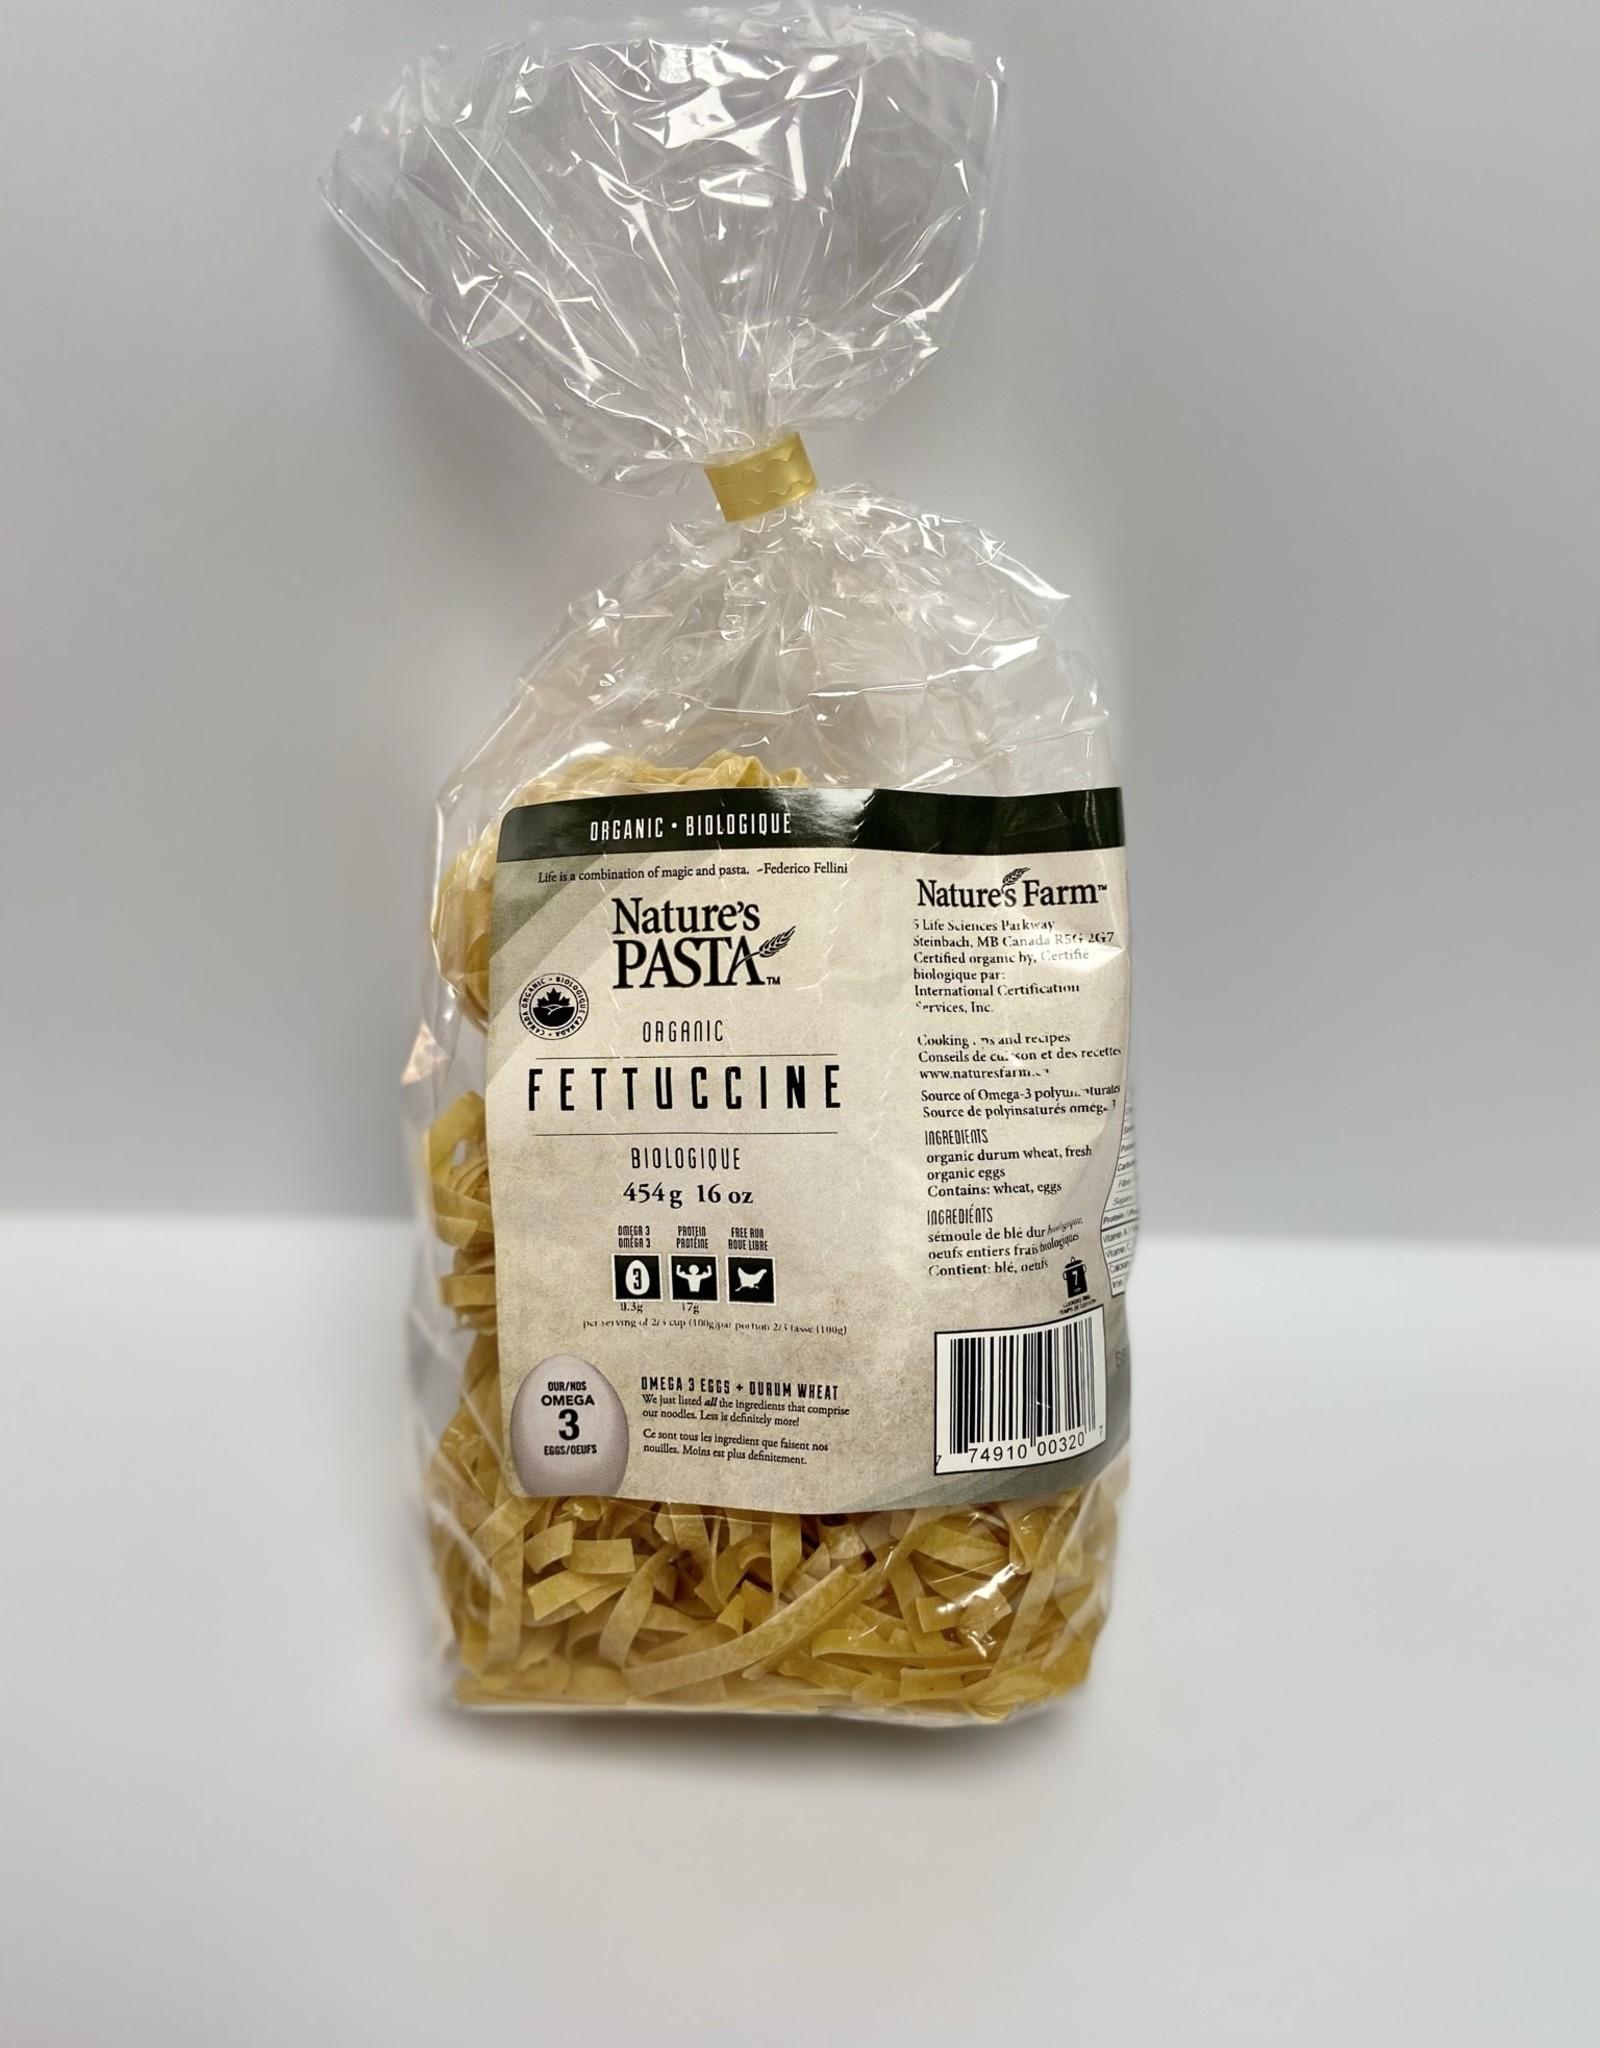 Nuco Natures Pasta - Organic Egg Pasta, Fettuccine (454g)